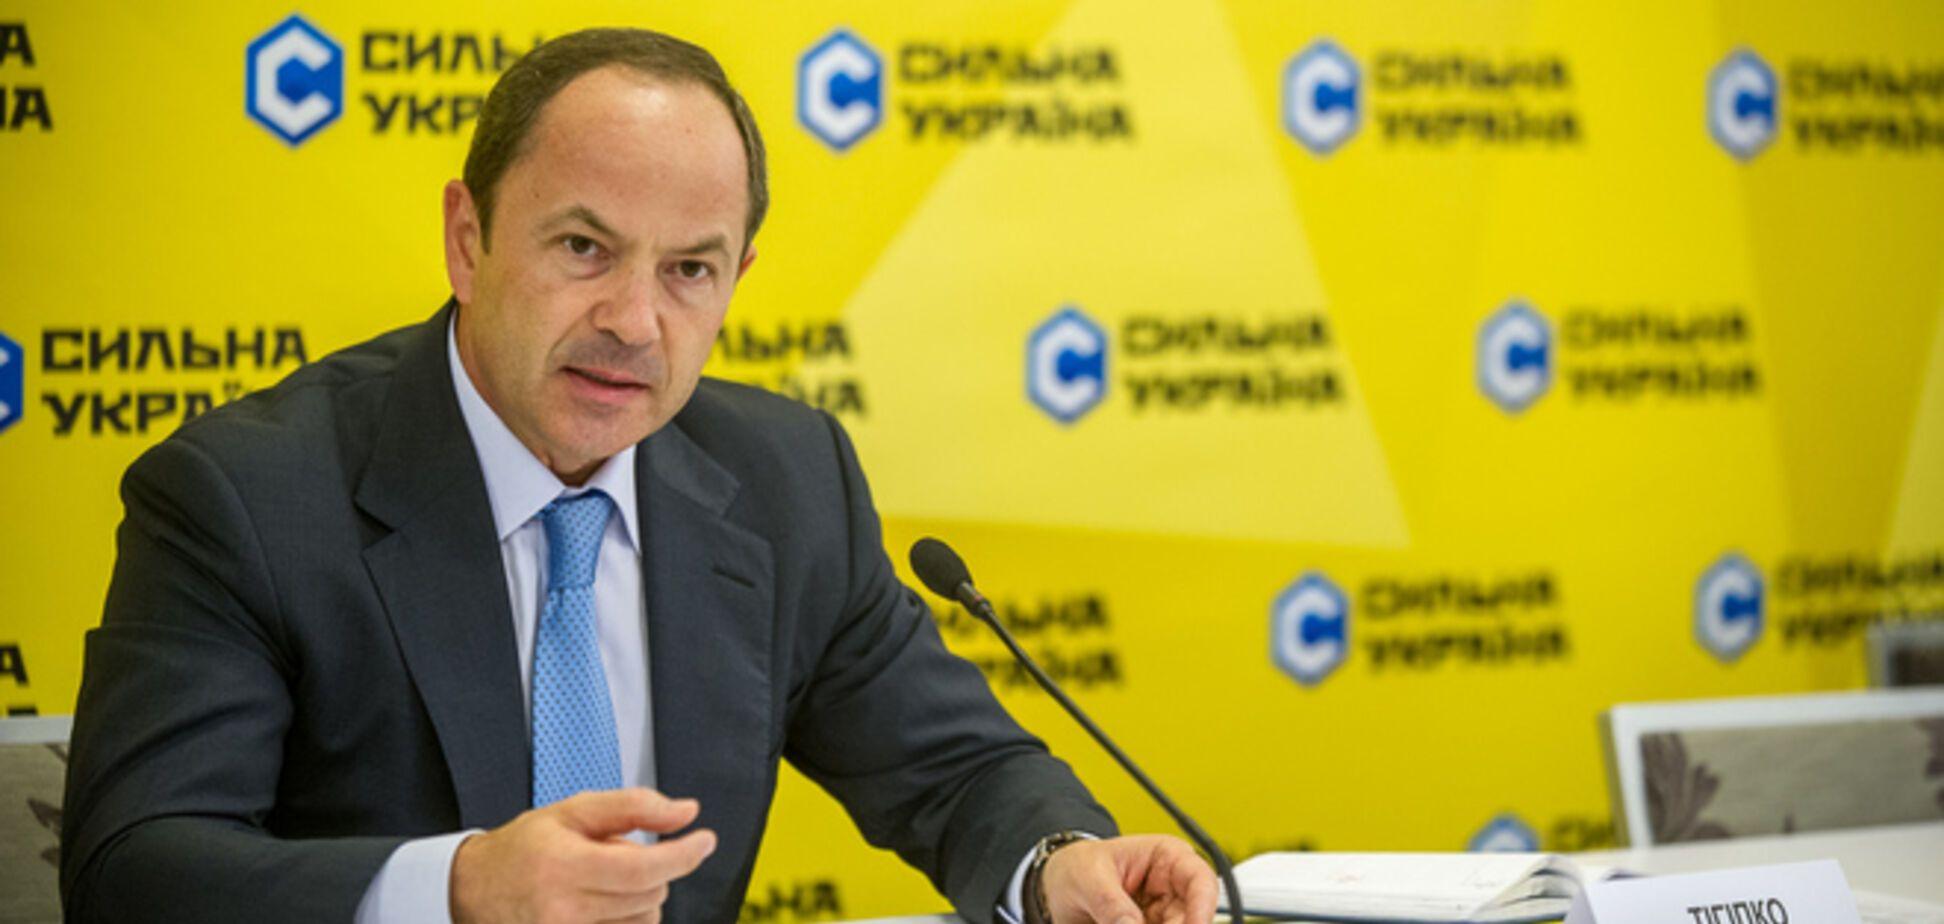 Тігіпко готує план реформ з порятунку економіки і цілісності України